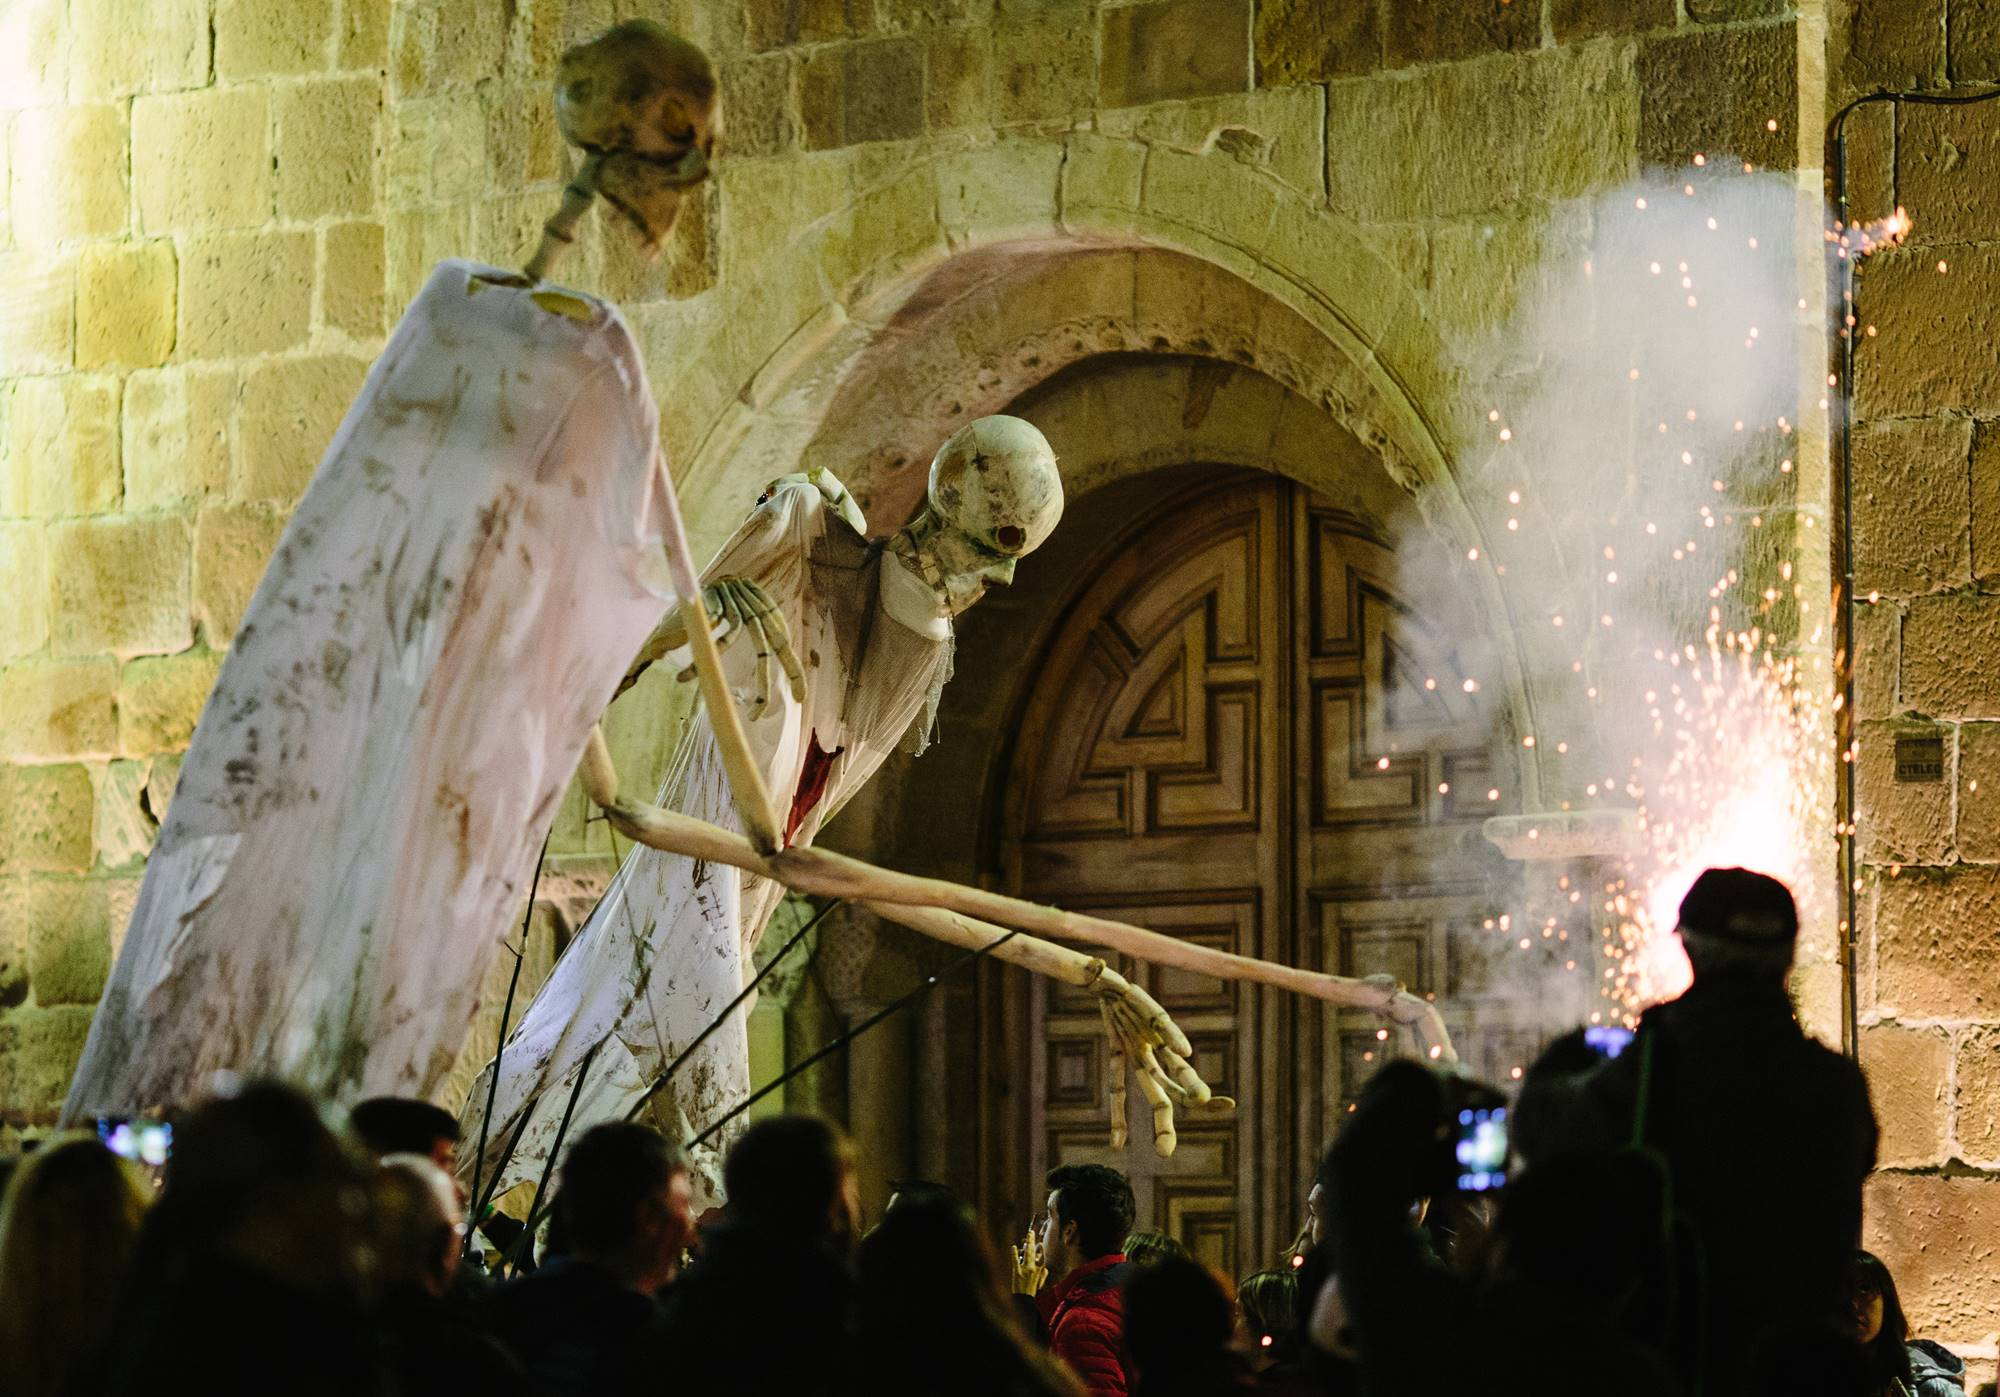 El ritual soriano está inspirada en la leyenda 'El monte de las ánimas', de Bécquer. Foto: Concha Ortega